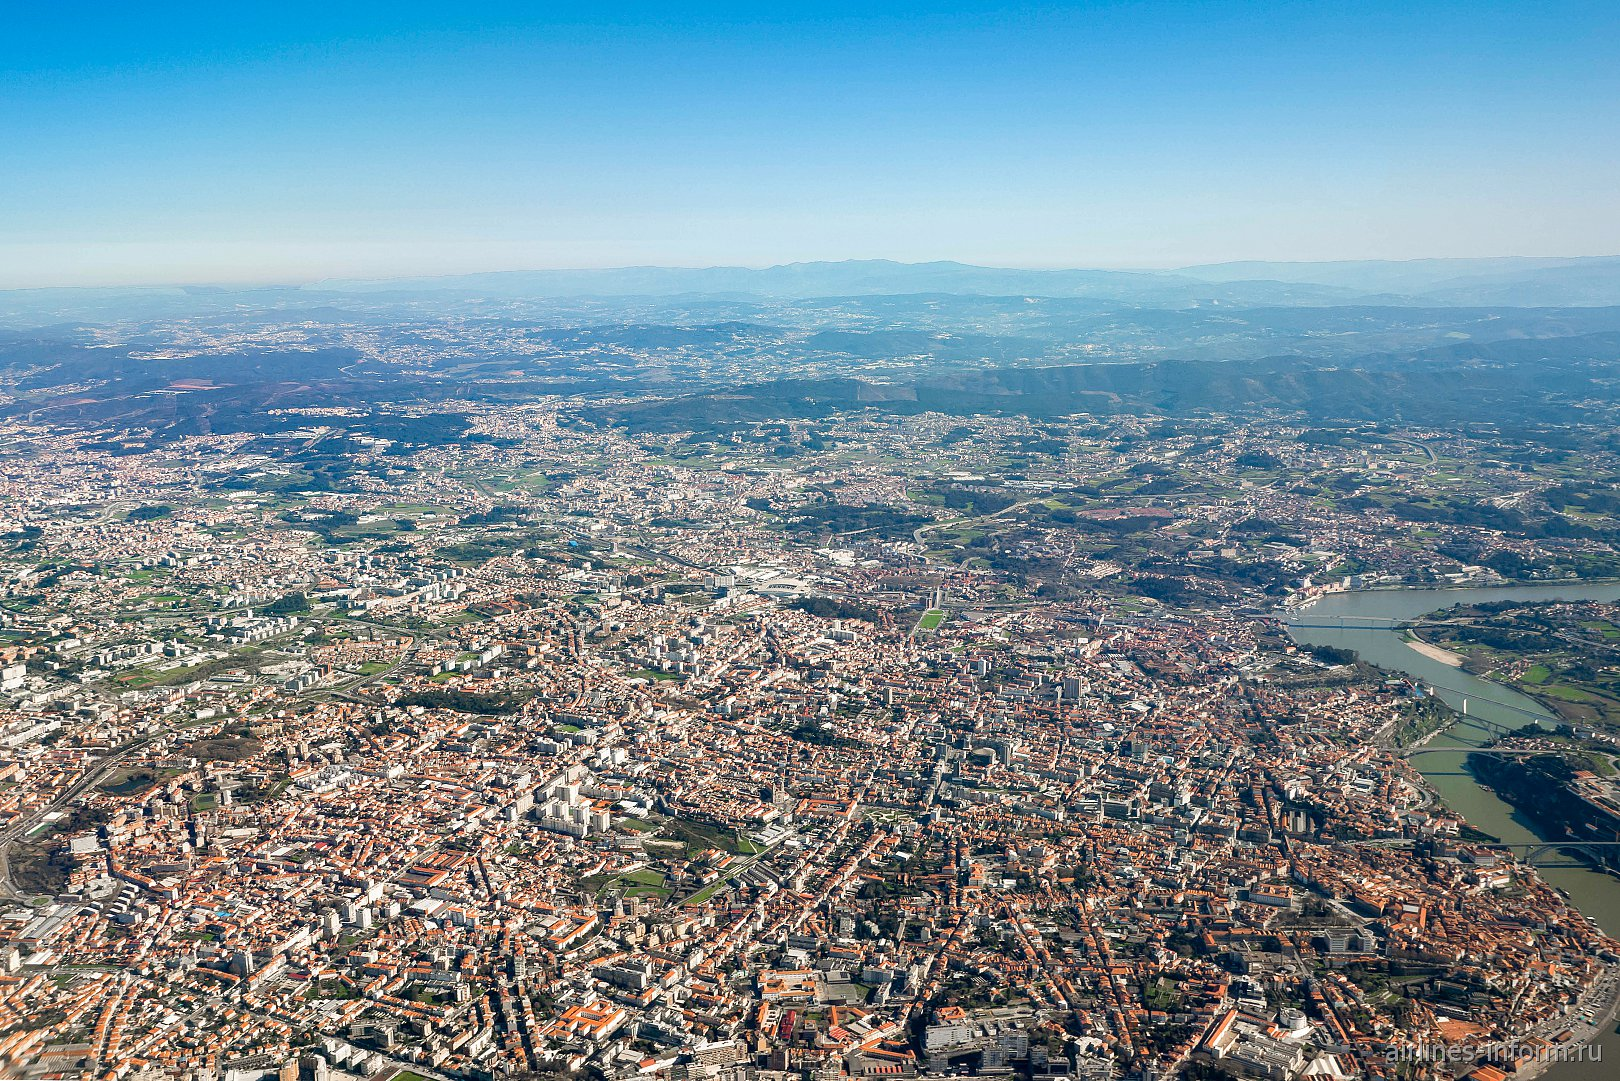 Вид на город Порту при взлете